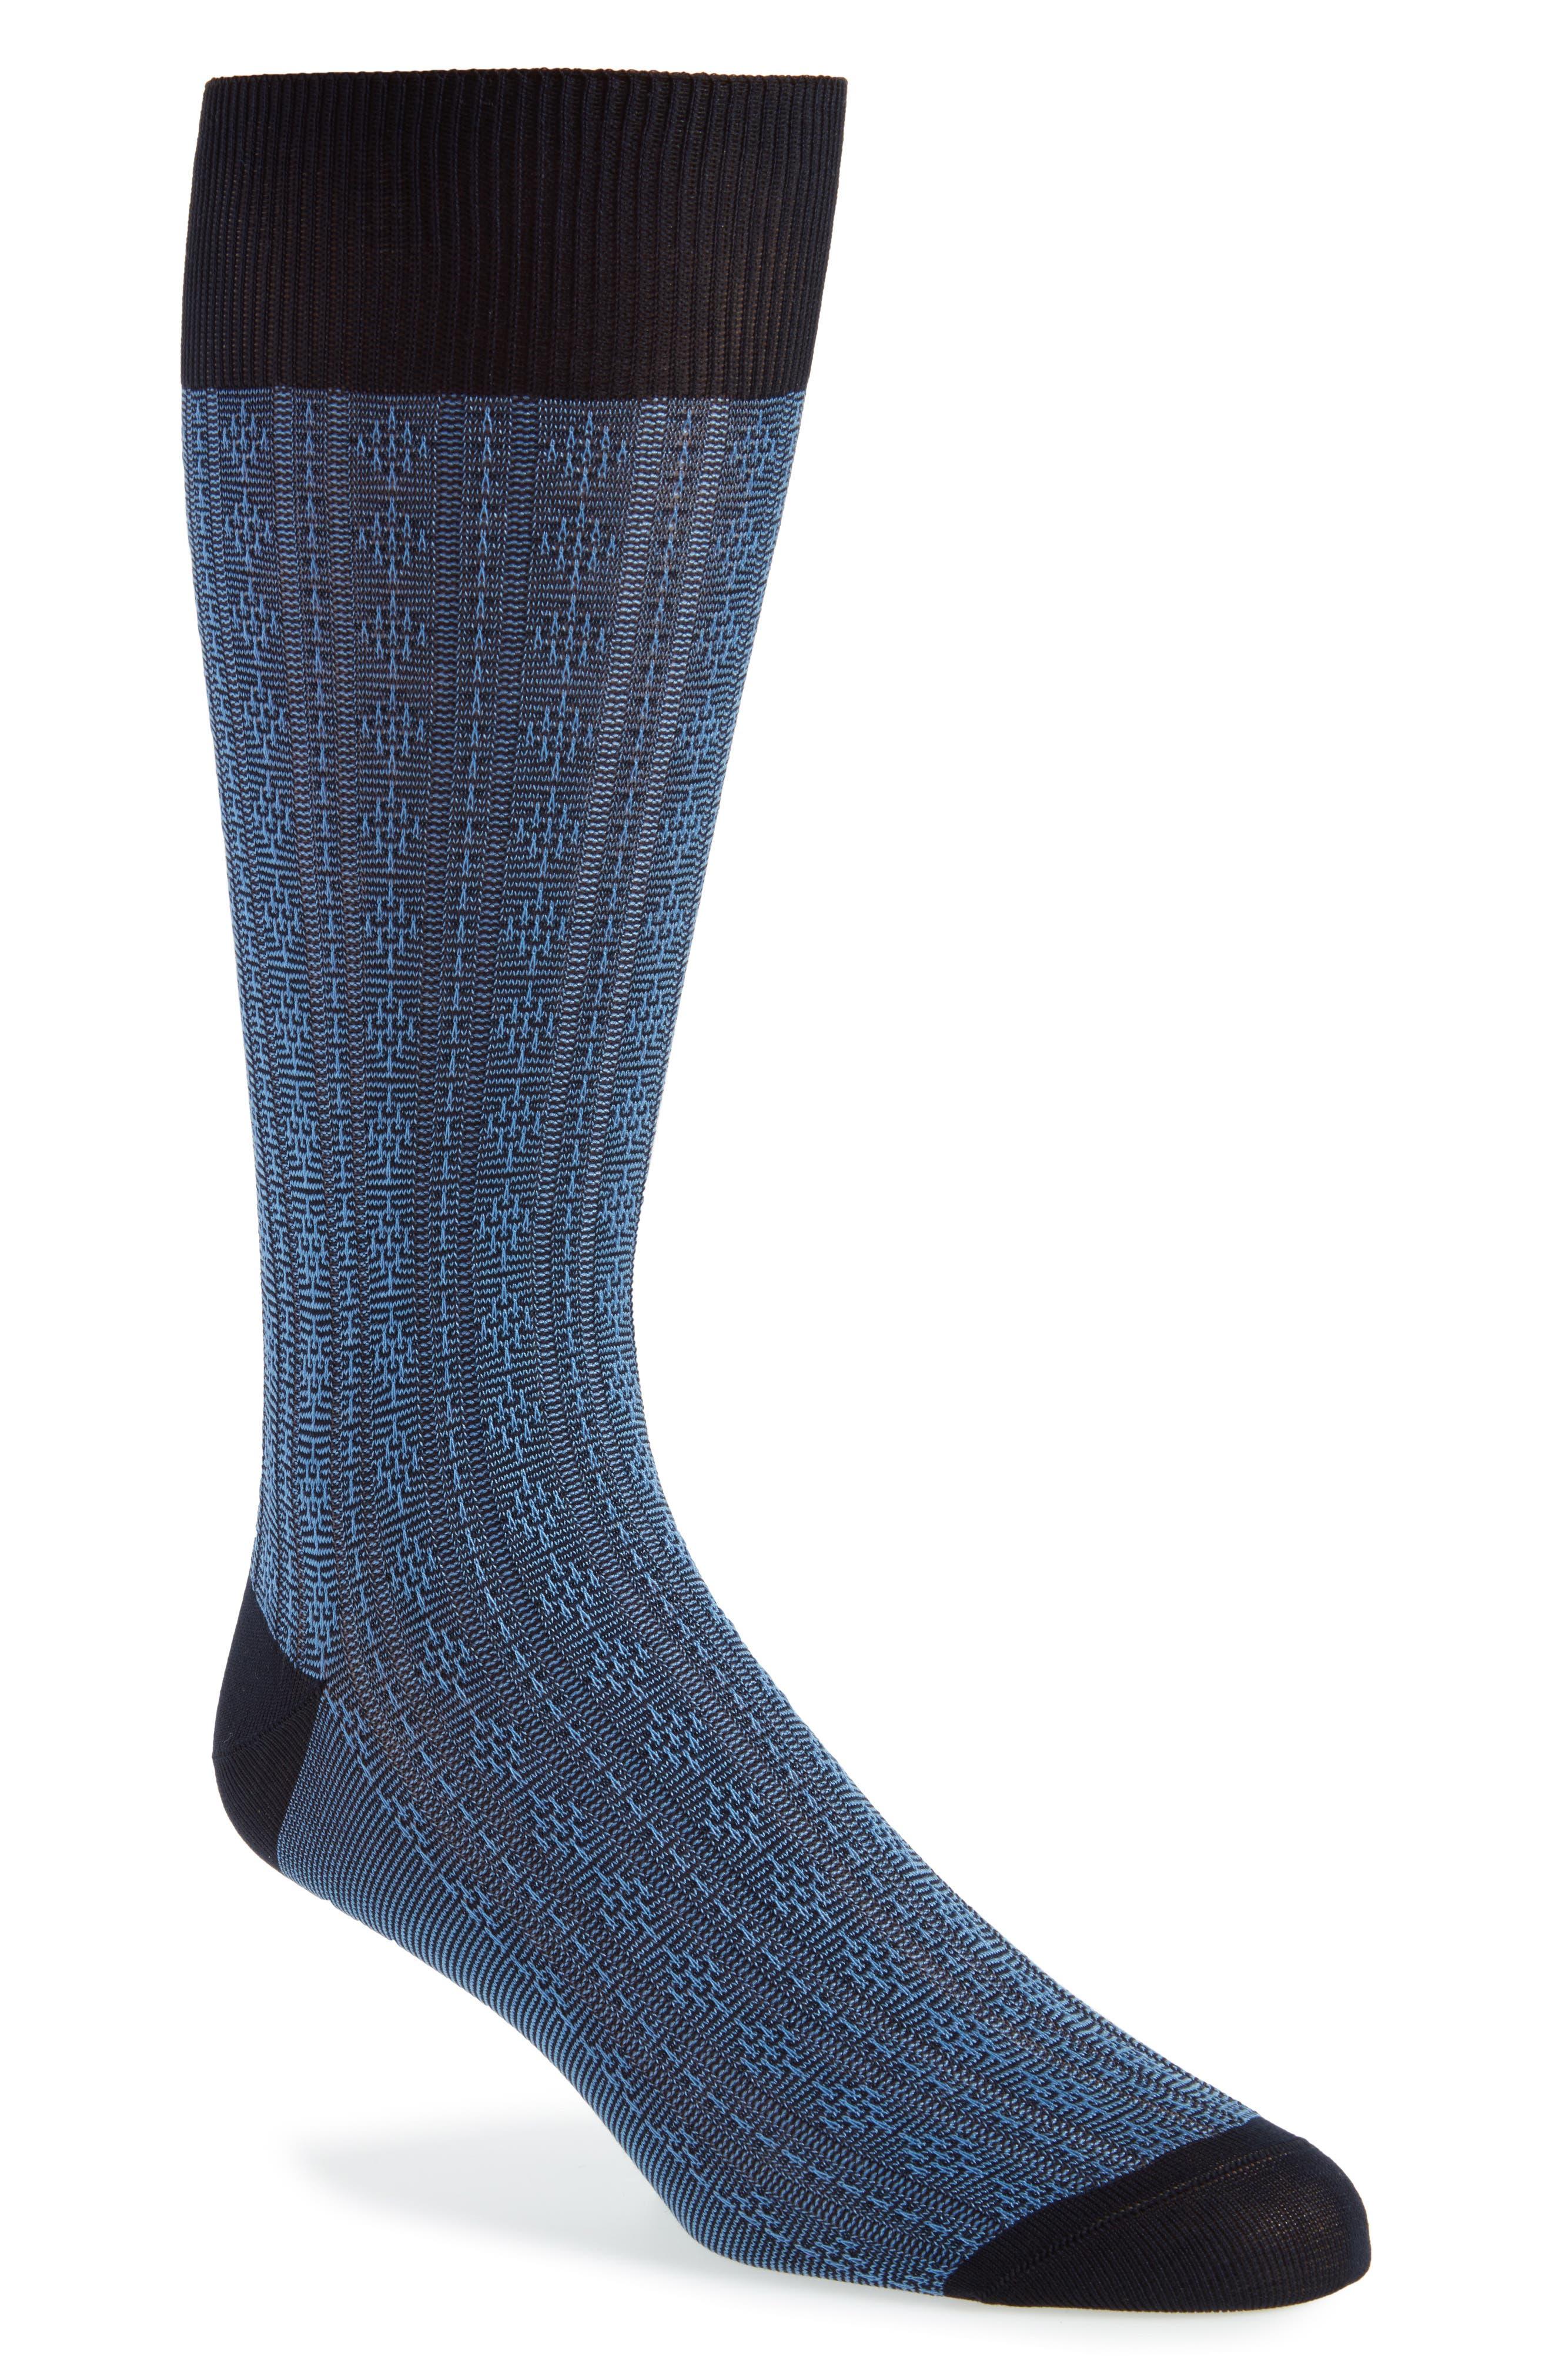 Pantherella Atom Stitch Socks